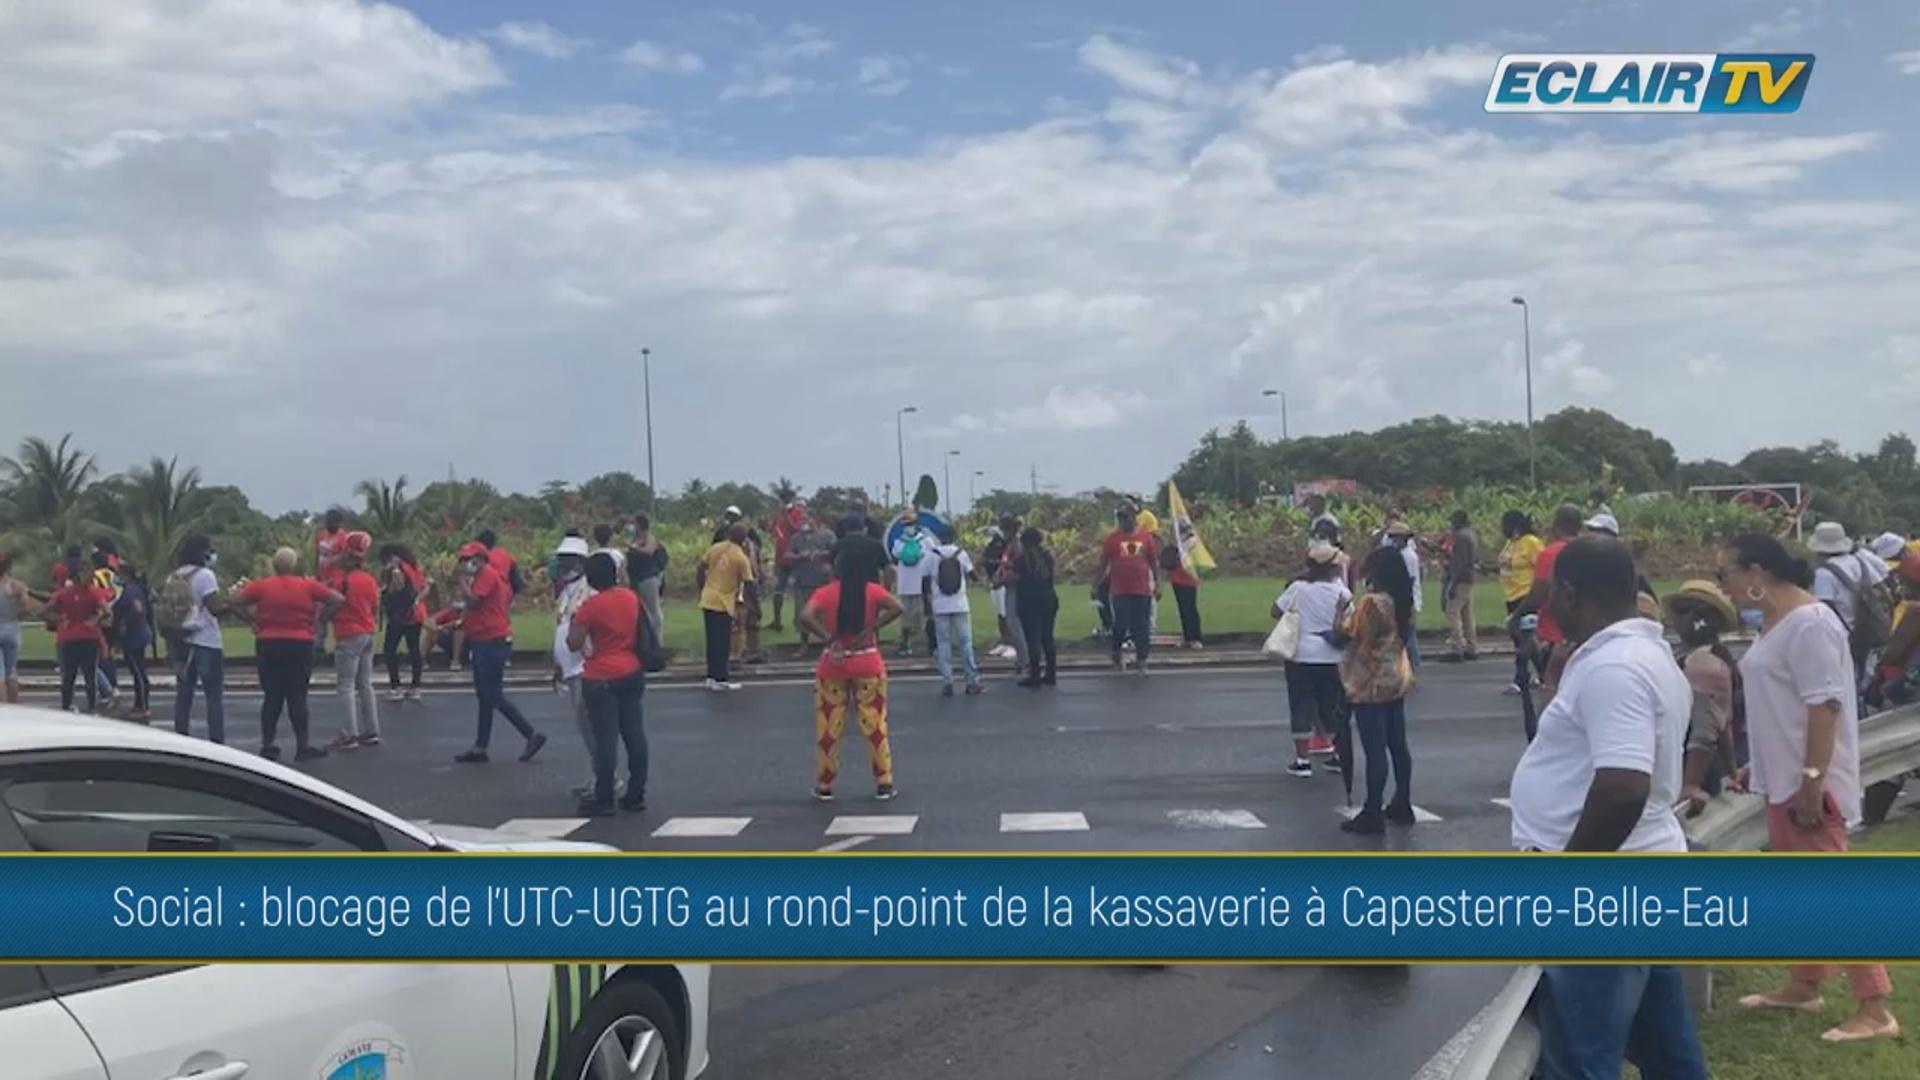 Onews Guadeloupe. Le rond point de la Kassaverie à Capesterre bloqué par l UTC UGTG (ECLAIR TV)